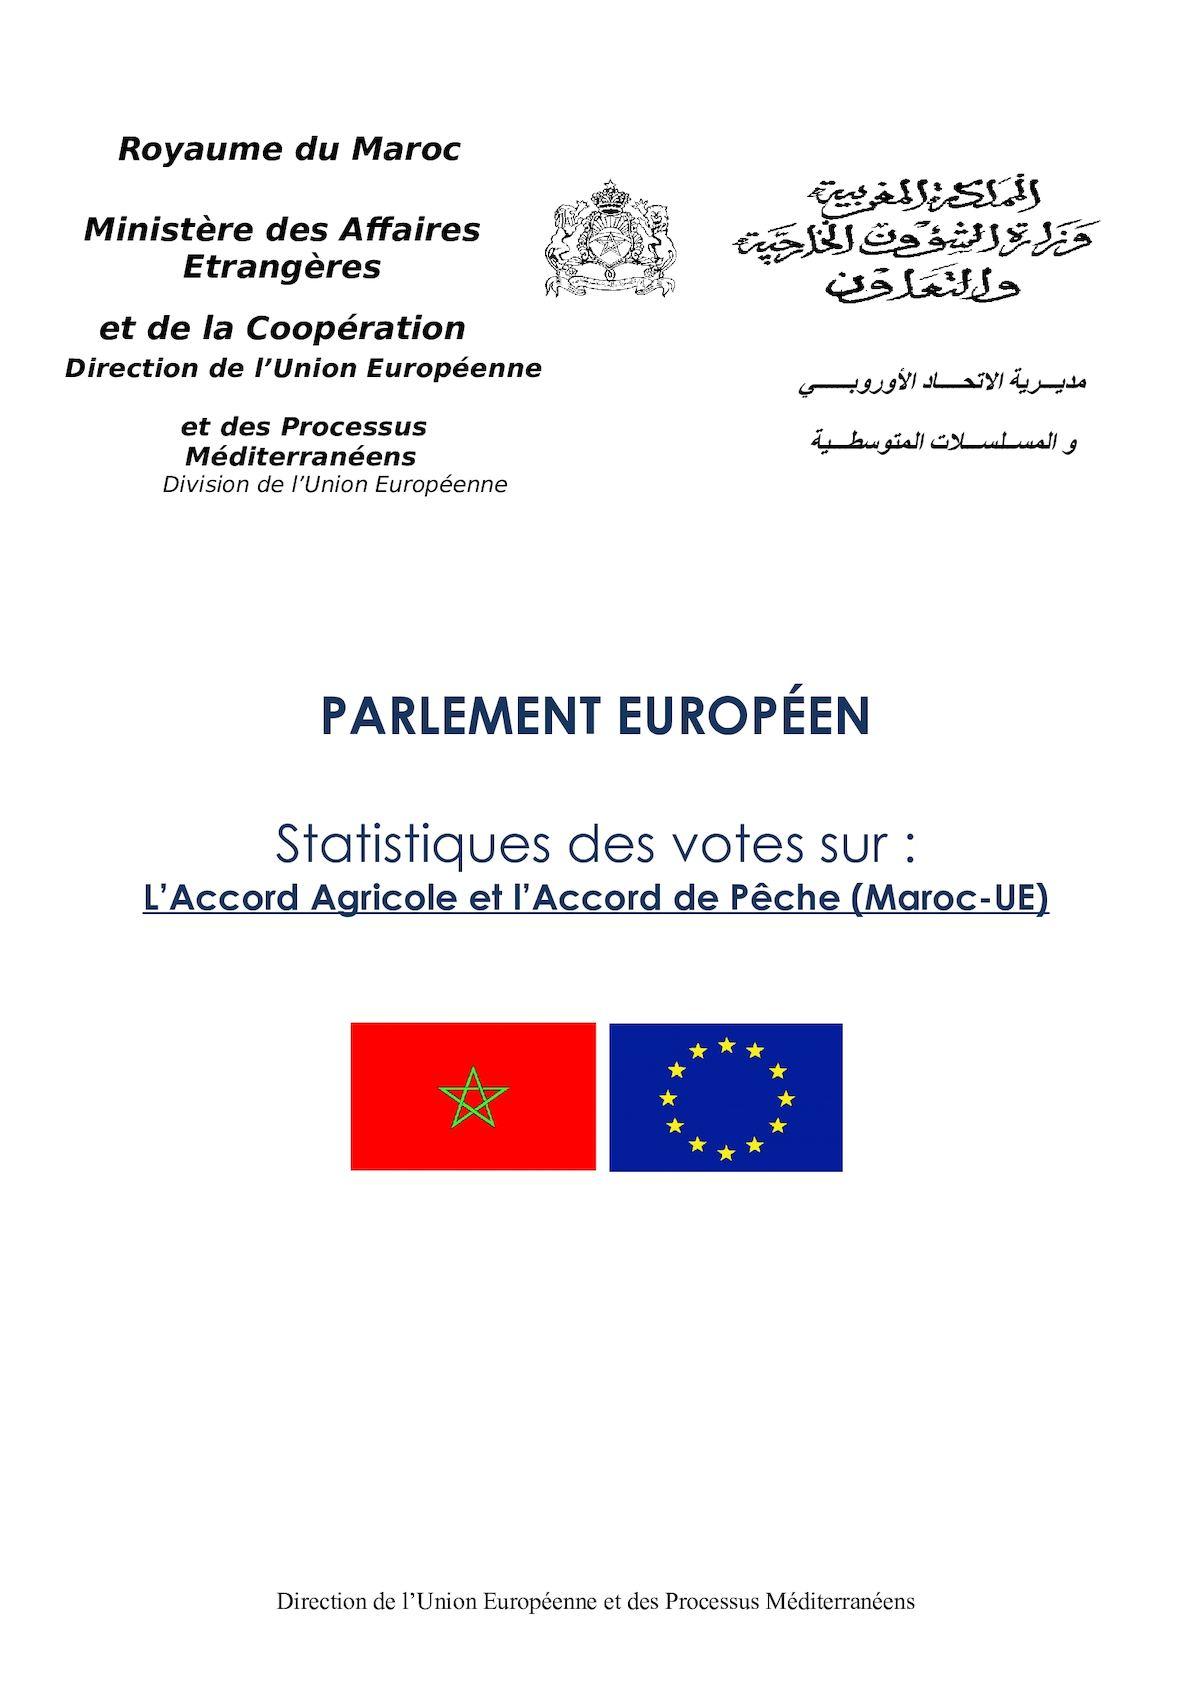 Statistiques Des Votes Des Eurodputés Accord Agricole Et Accord Pêche Final 7